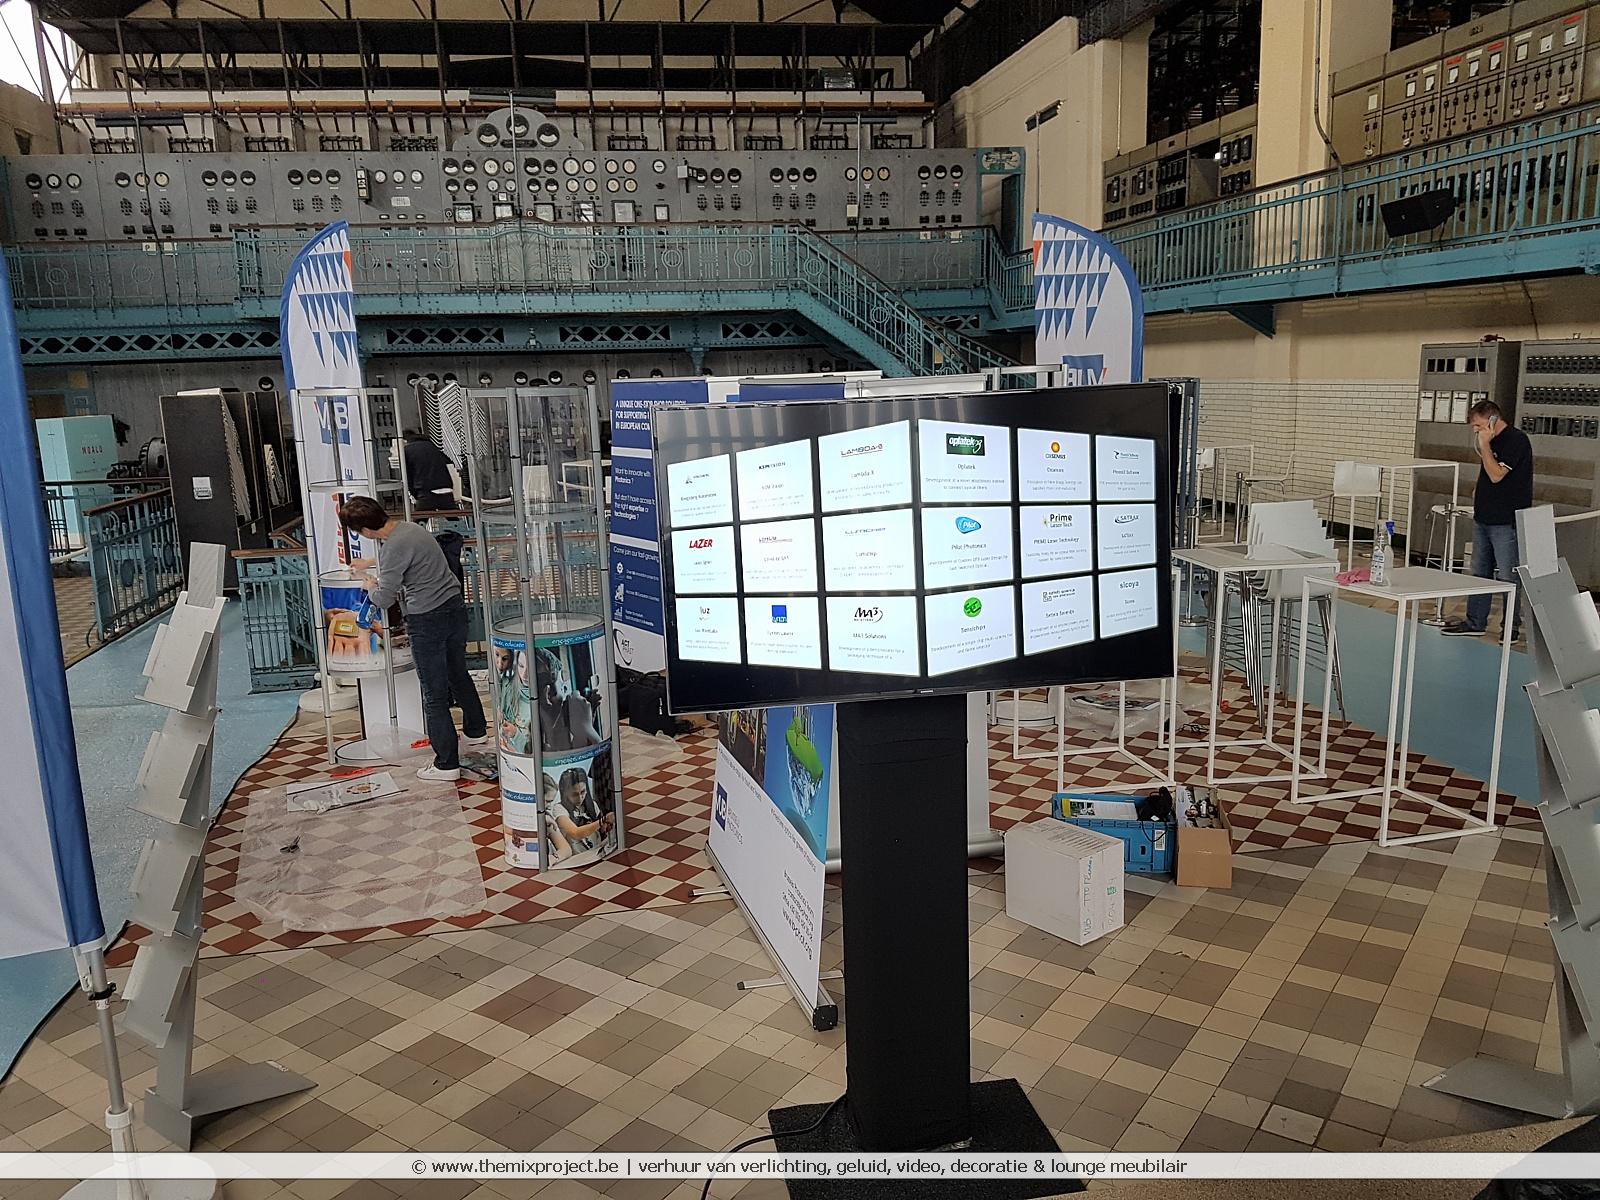 Foto's Verhuur TV schermen voor Innovatiebeurs te C-mine Genk